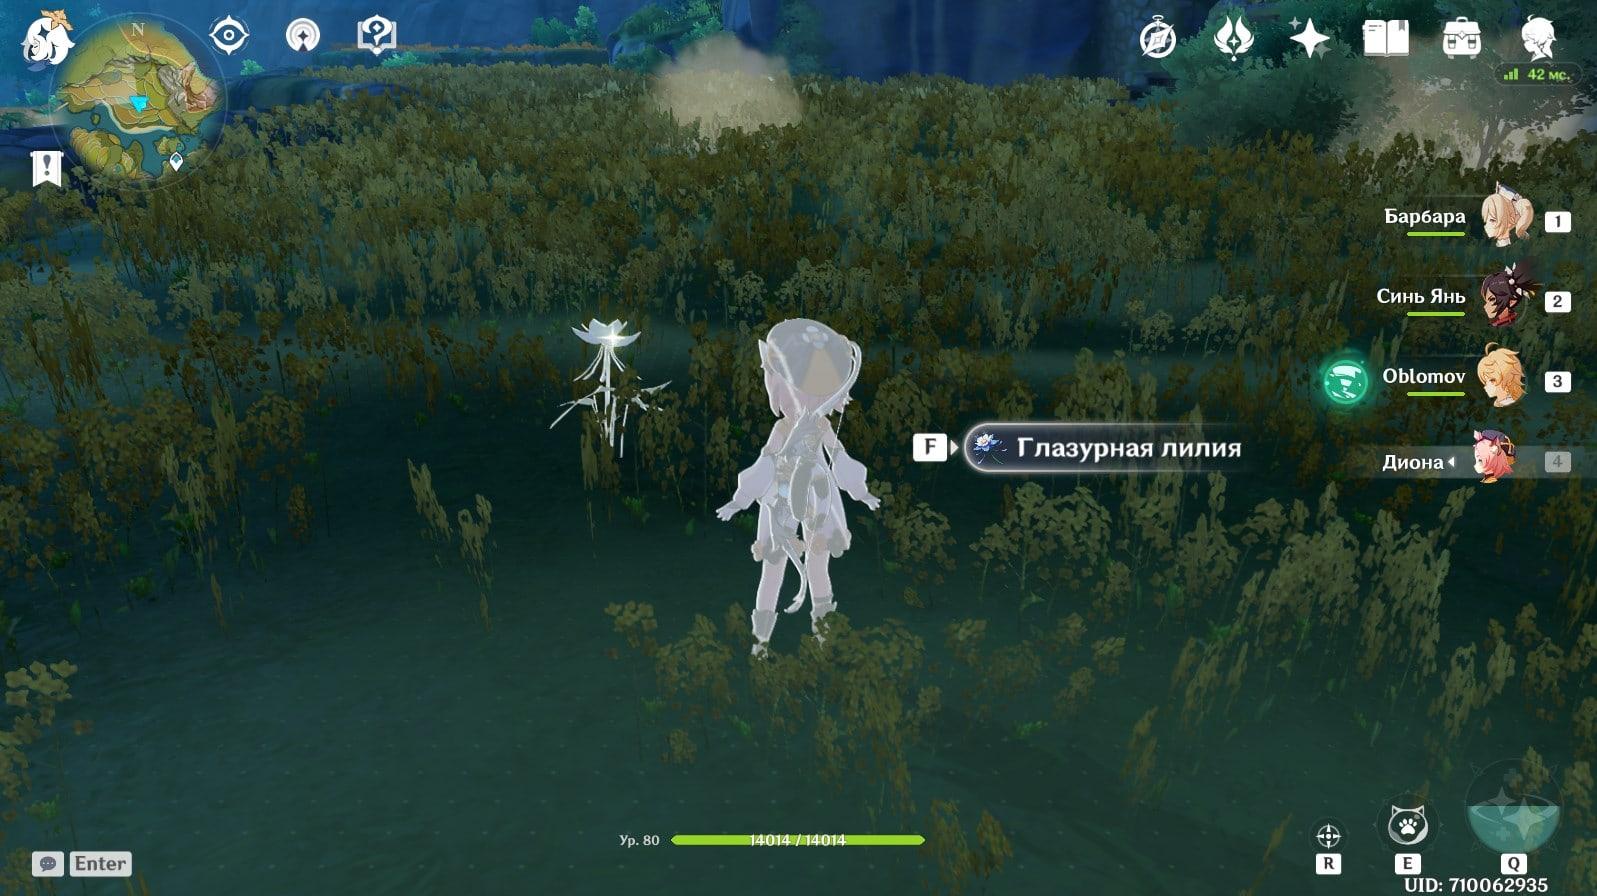 Рассказываем, где найти и как лучше фармить глазурную лилию в Genshin Impact